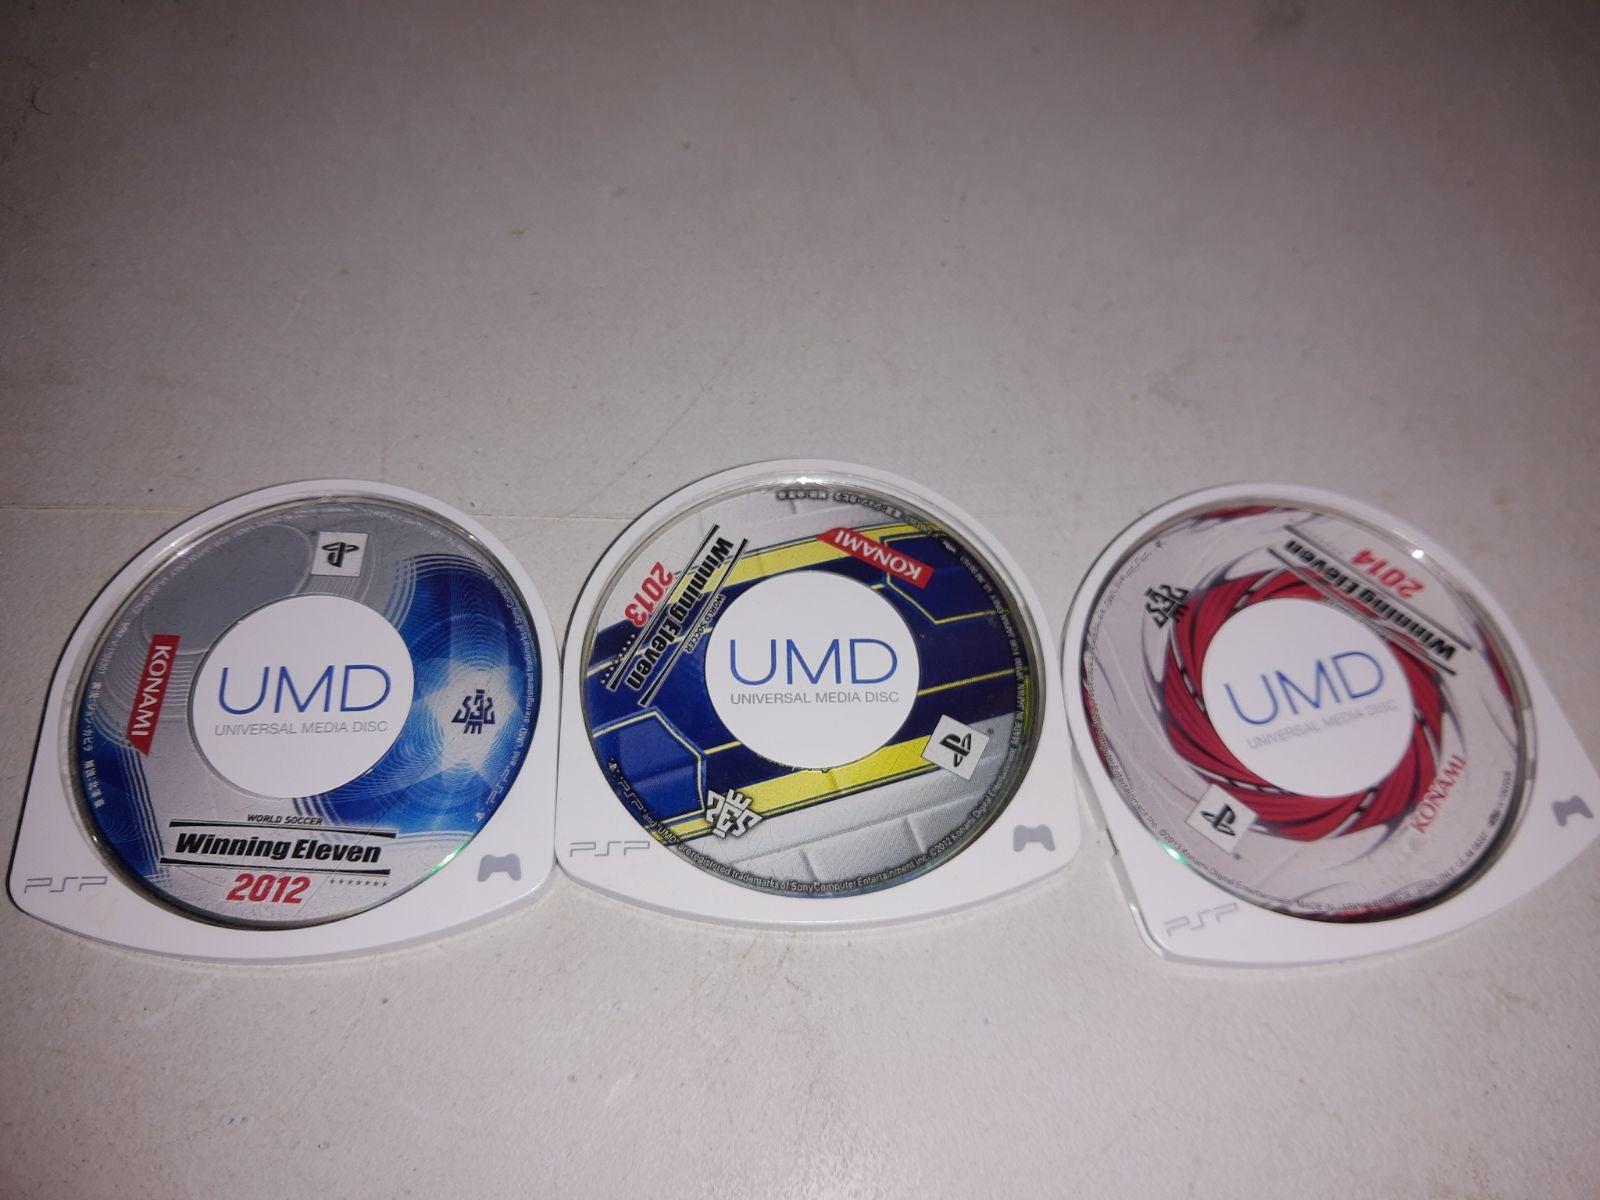 Winning Eleven Pro Soccer 2012-14 Japan